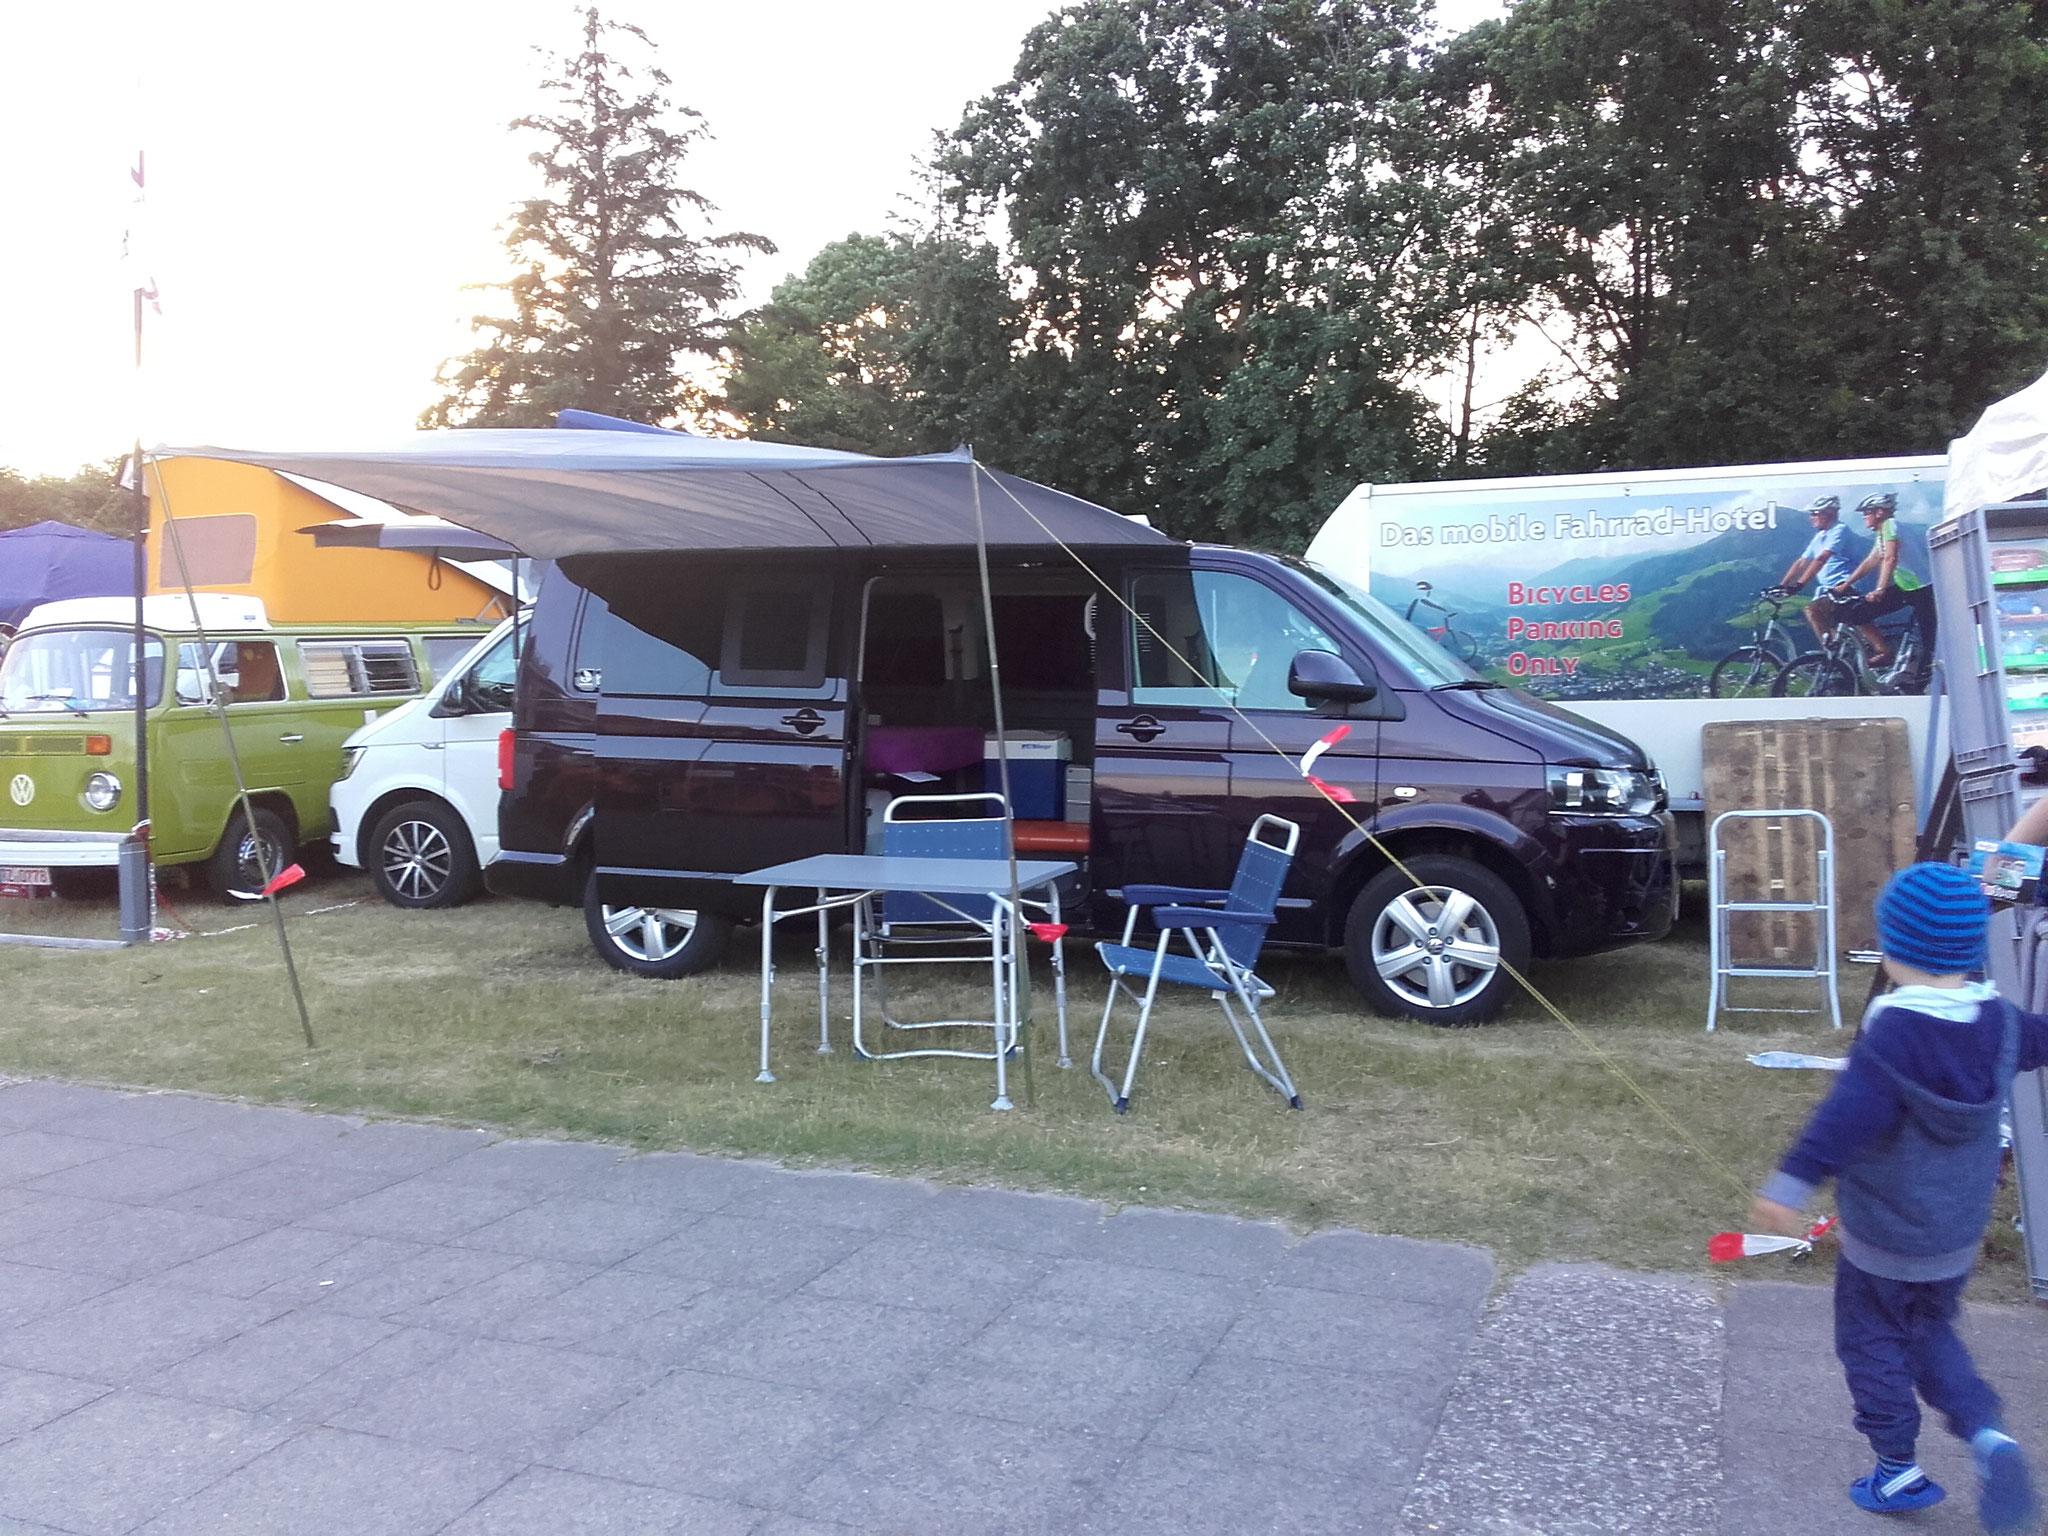 Midsummer Festival Fehmarn '16 mit T5 / T6